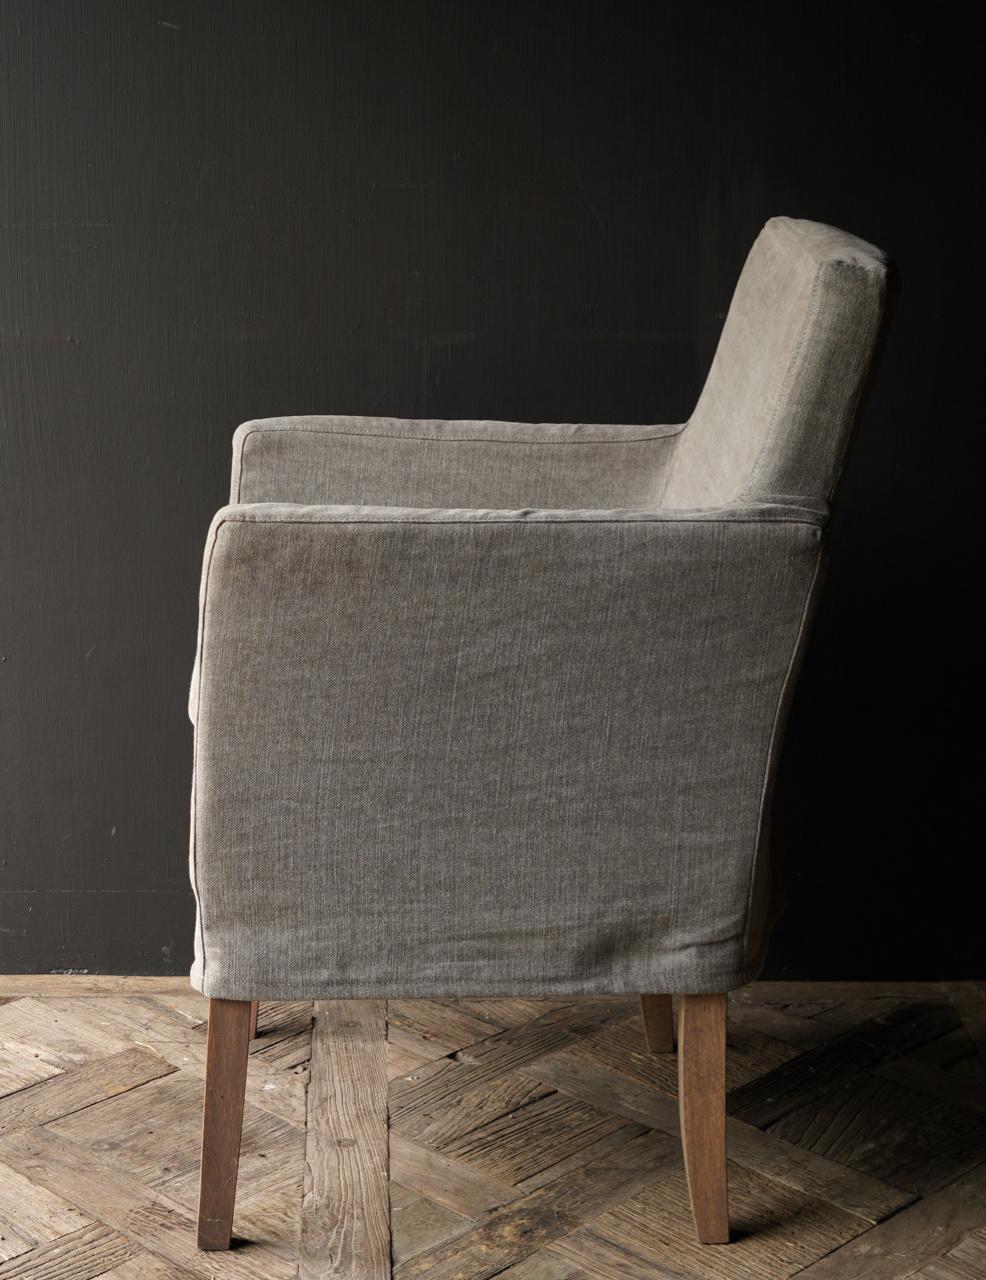 *Showroom model *Eetkamer stoel met losse linnen hoes-4